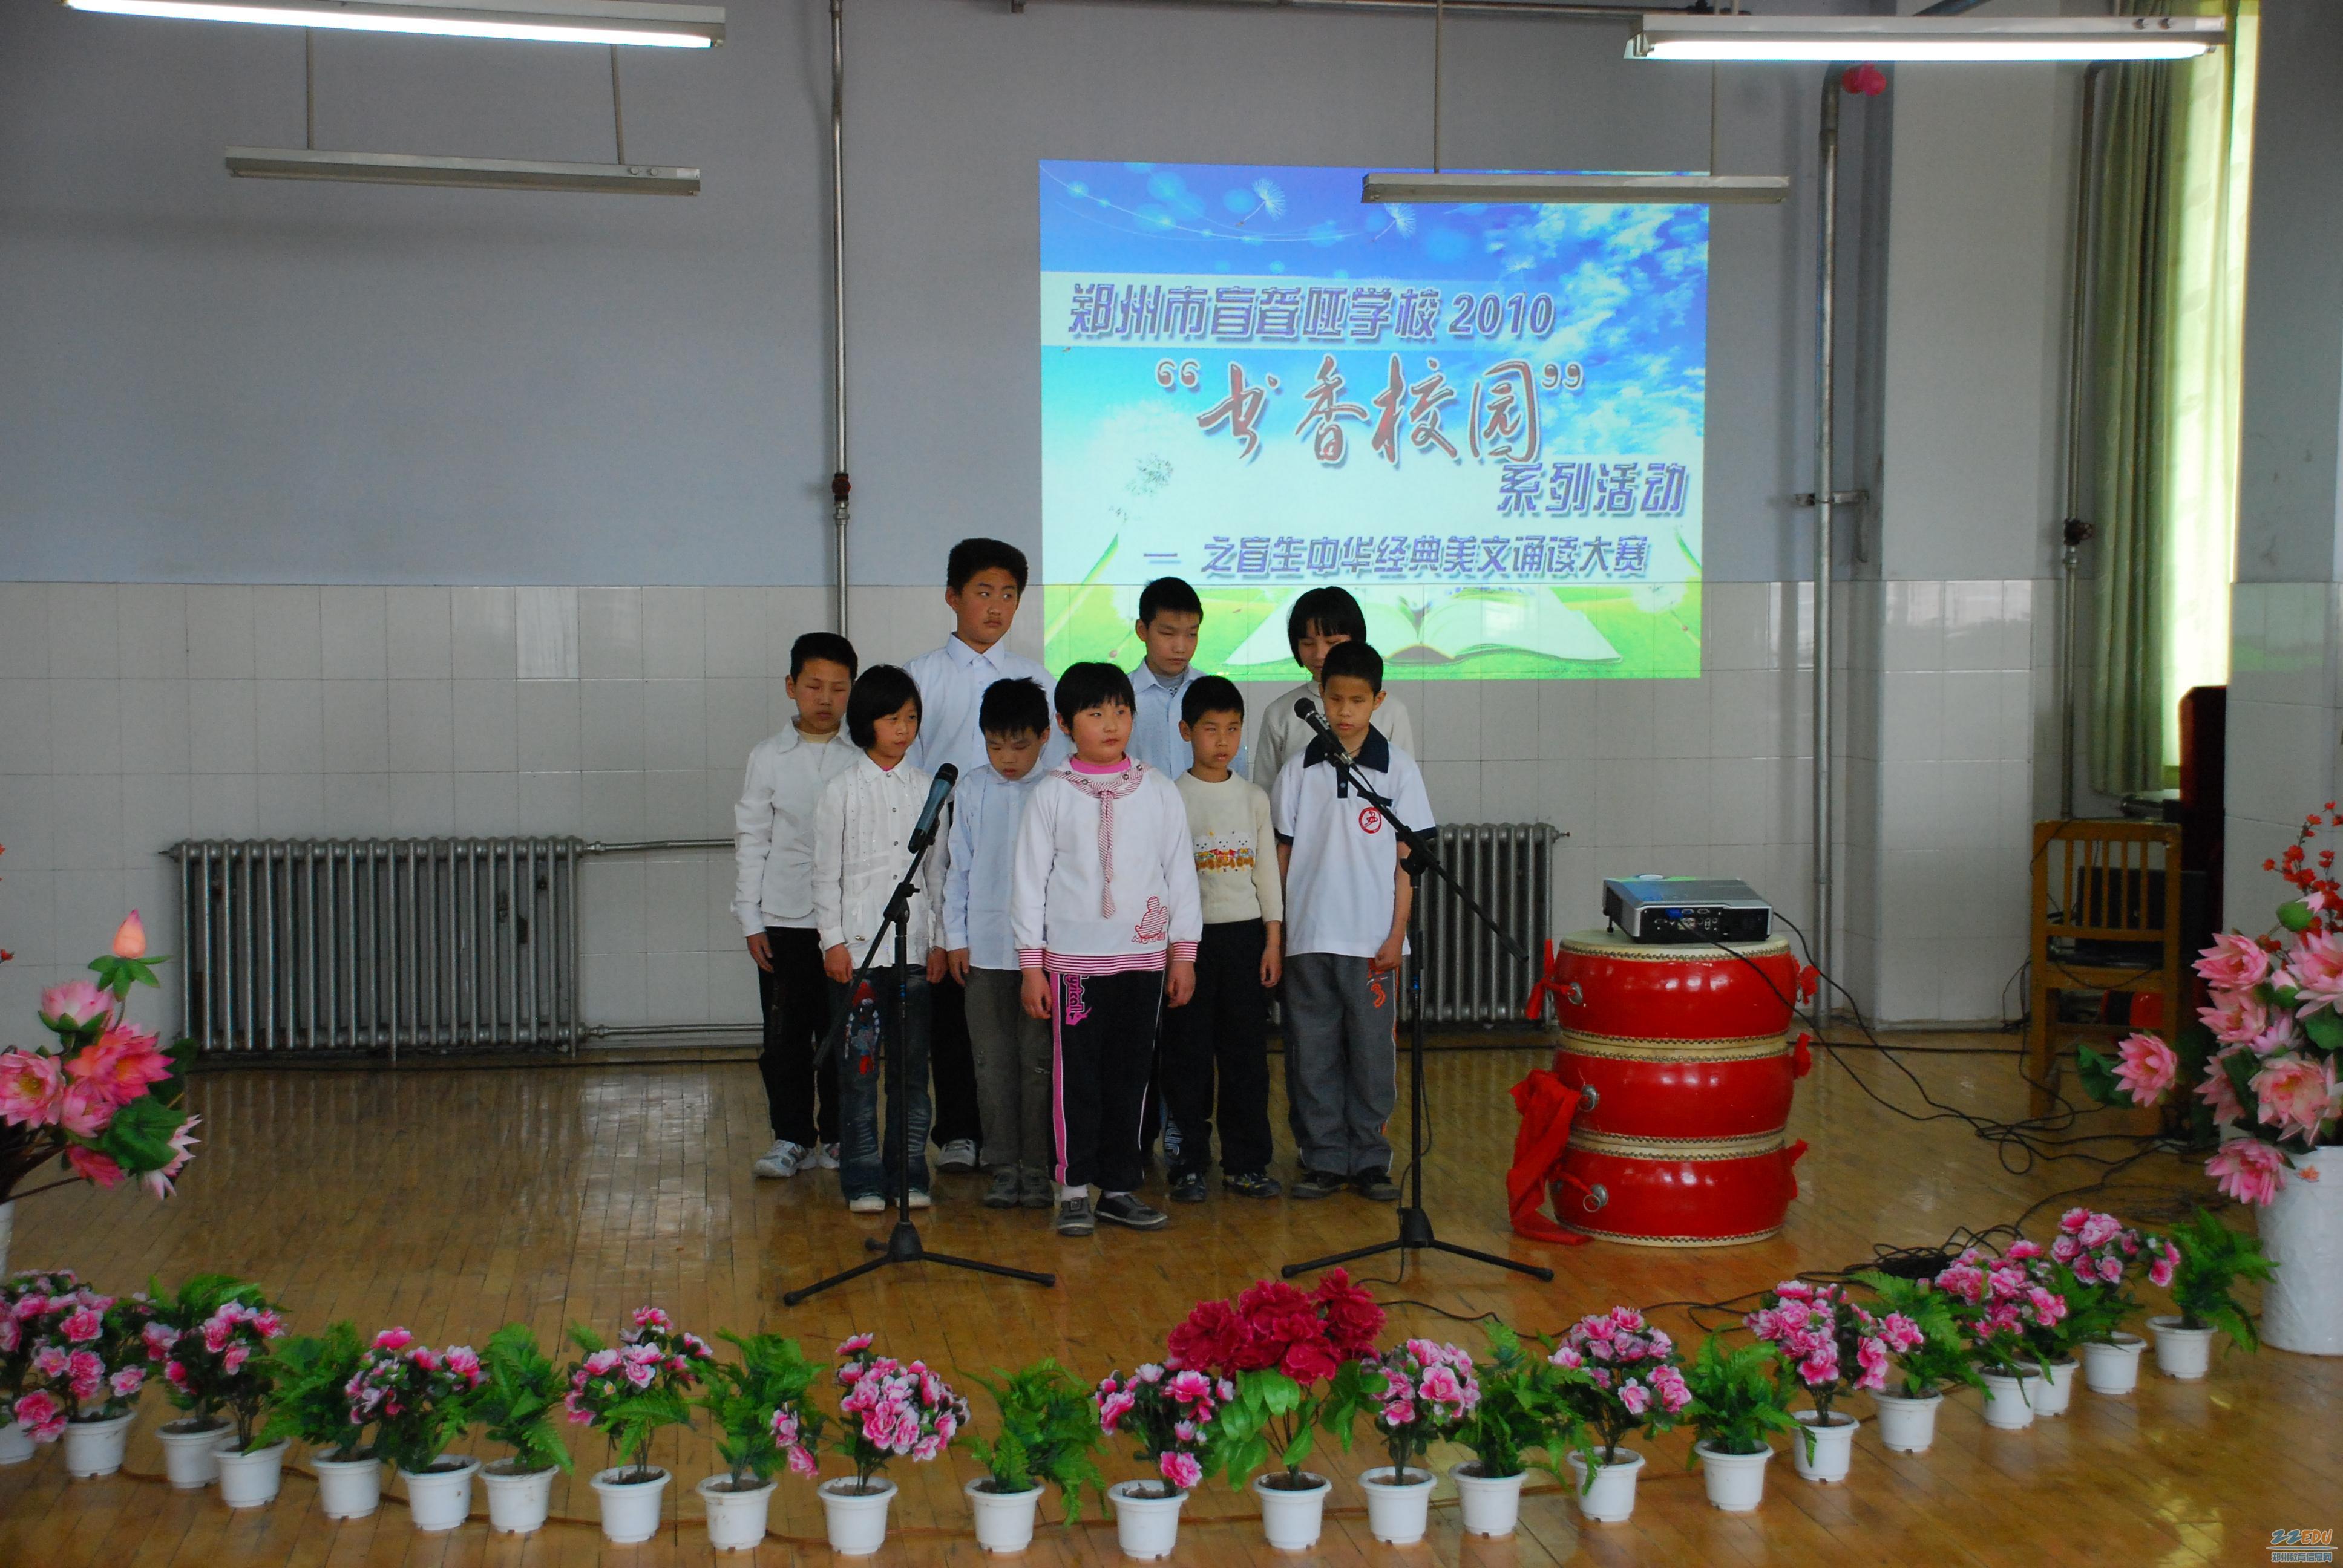 [盲聋哑学校] 盲生颂经典美文感受传统民族文化